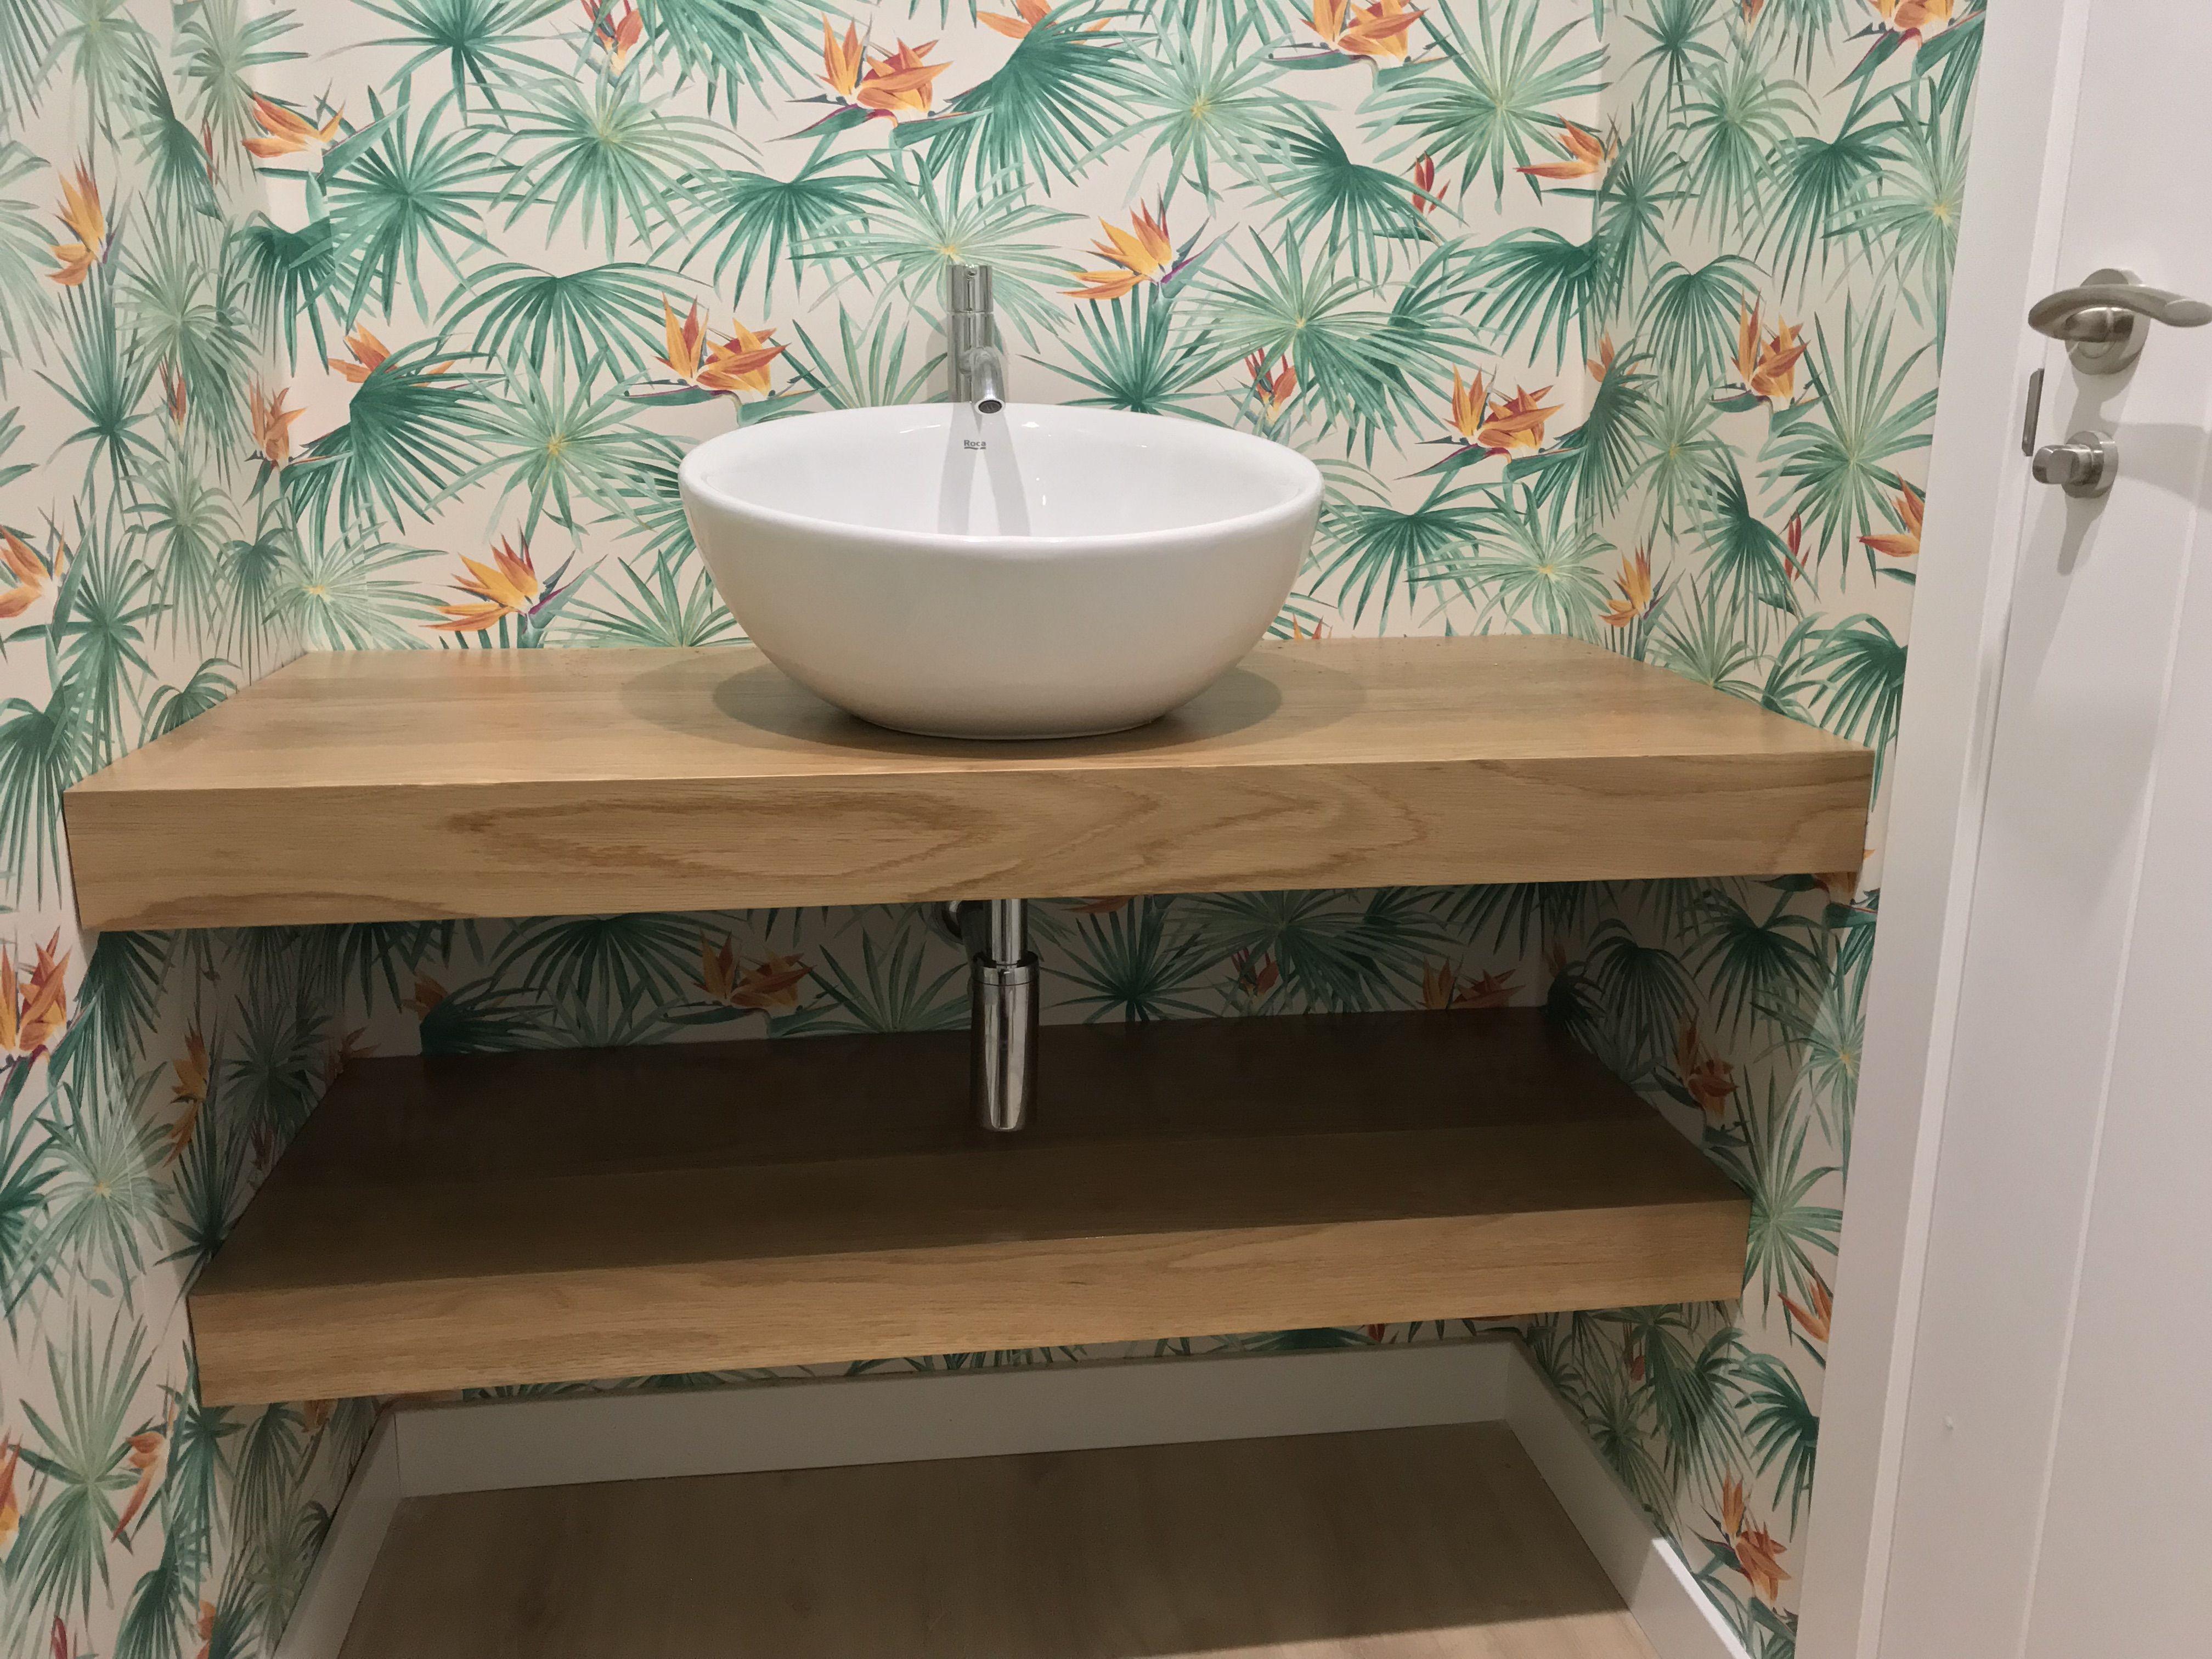 Baldas para baño | Muebles de baño, Baños, Muebles